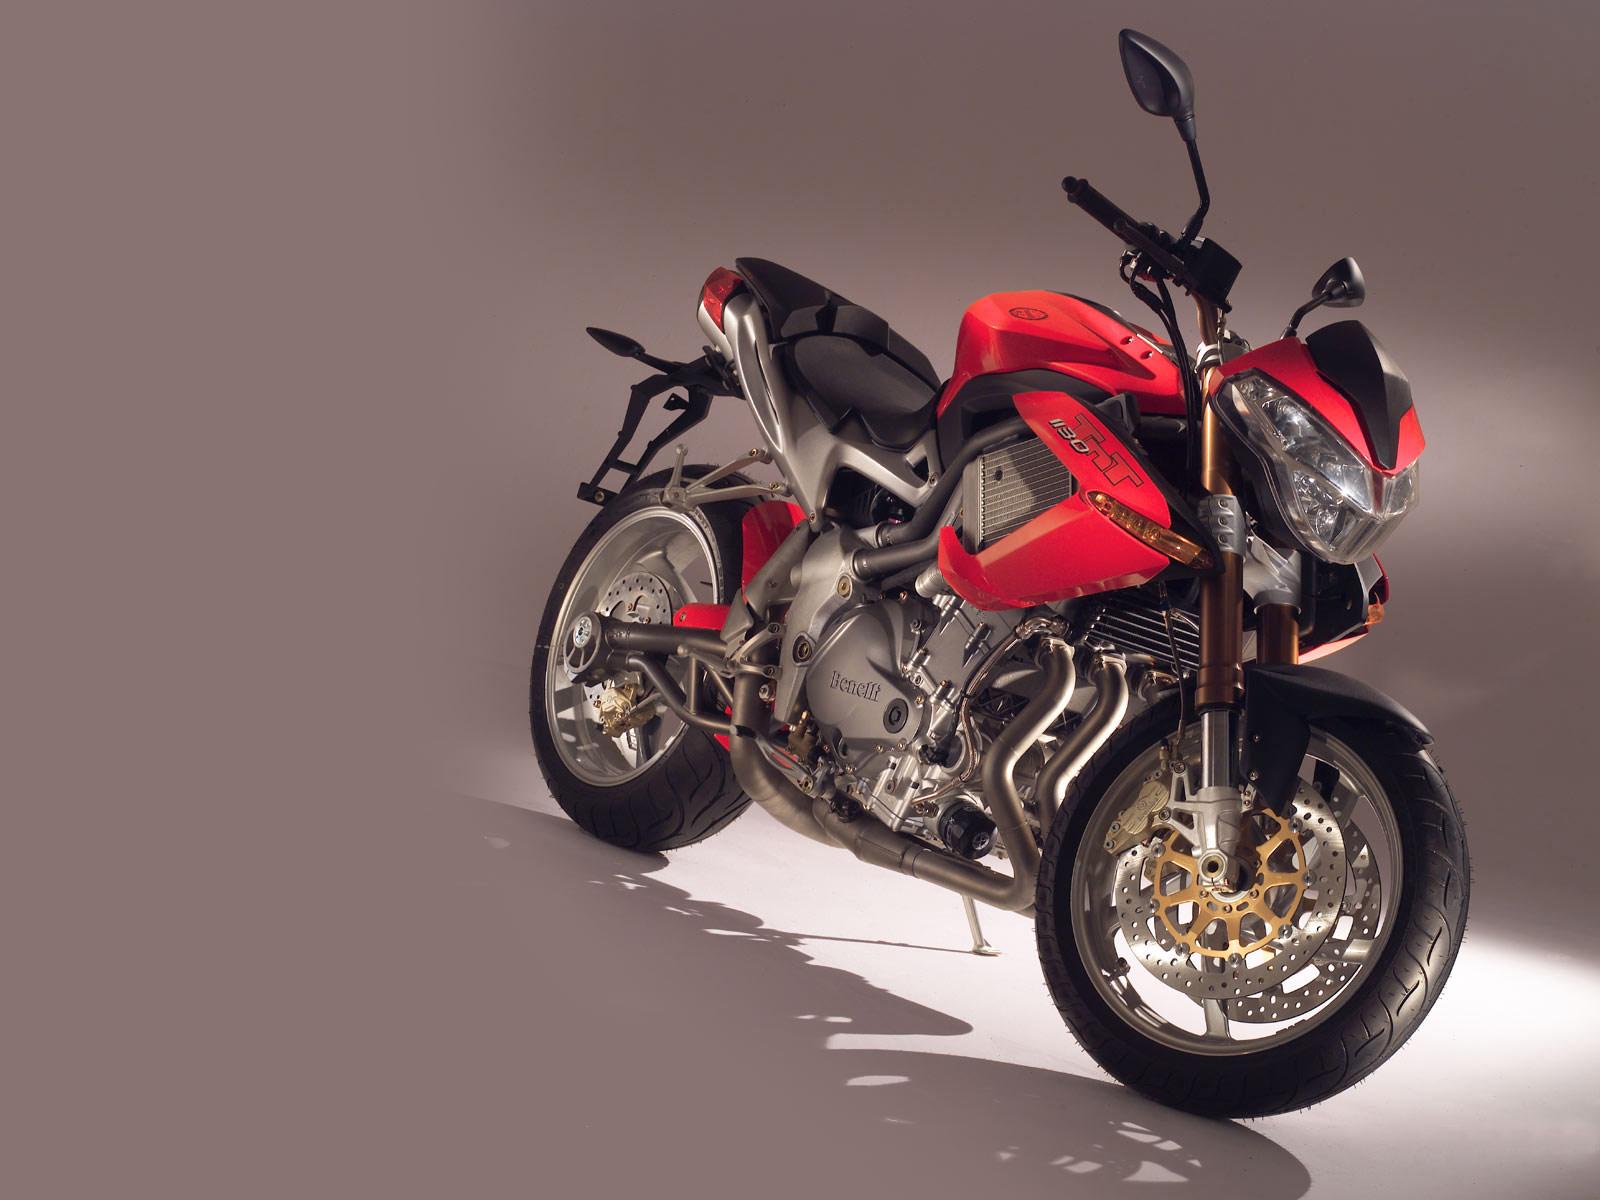 http://4.bp.blogspot.com/-mEj6koroImg/Tr28tF7pZ0I/AAAAAAAADwQ/Uc2M4HAYRkc/s1600/2005_Benelli-TNT-1130_motorcycle-desktop-wallpaper_01.jpg